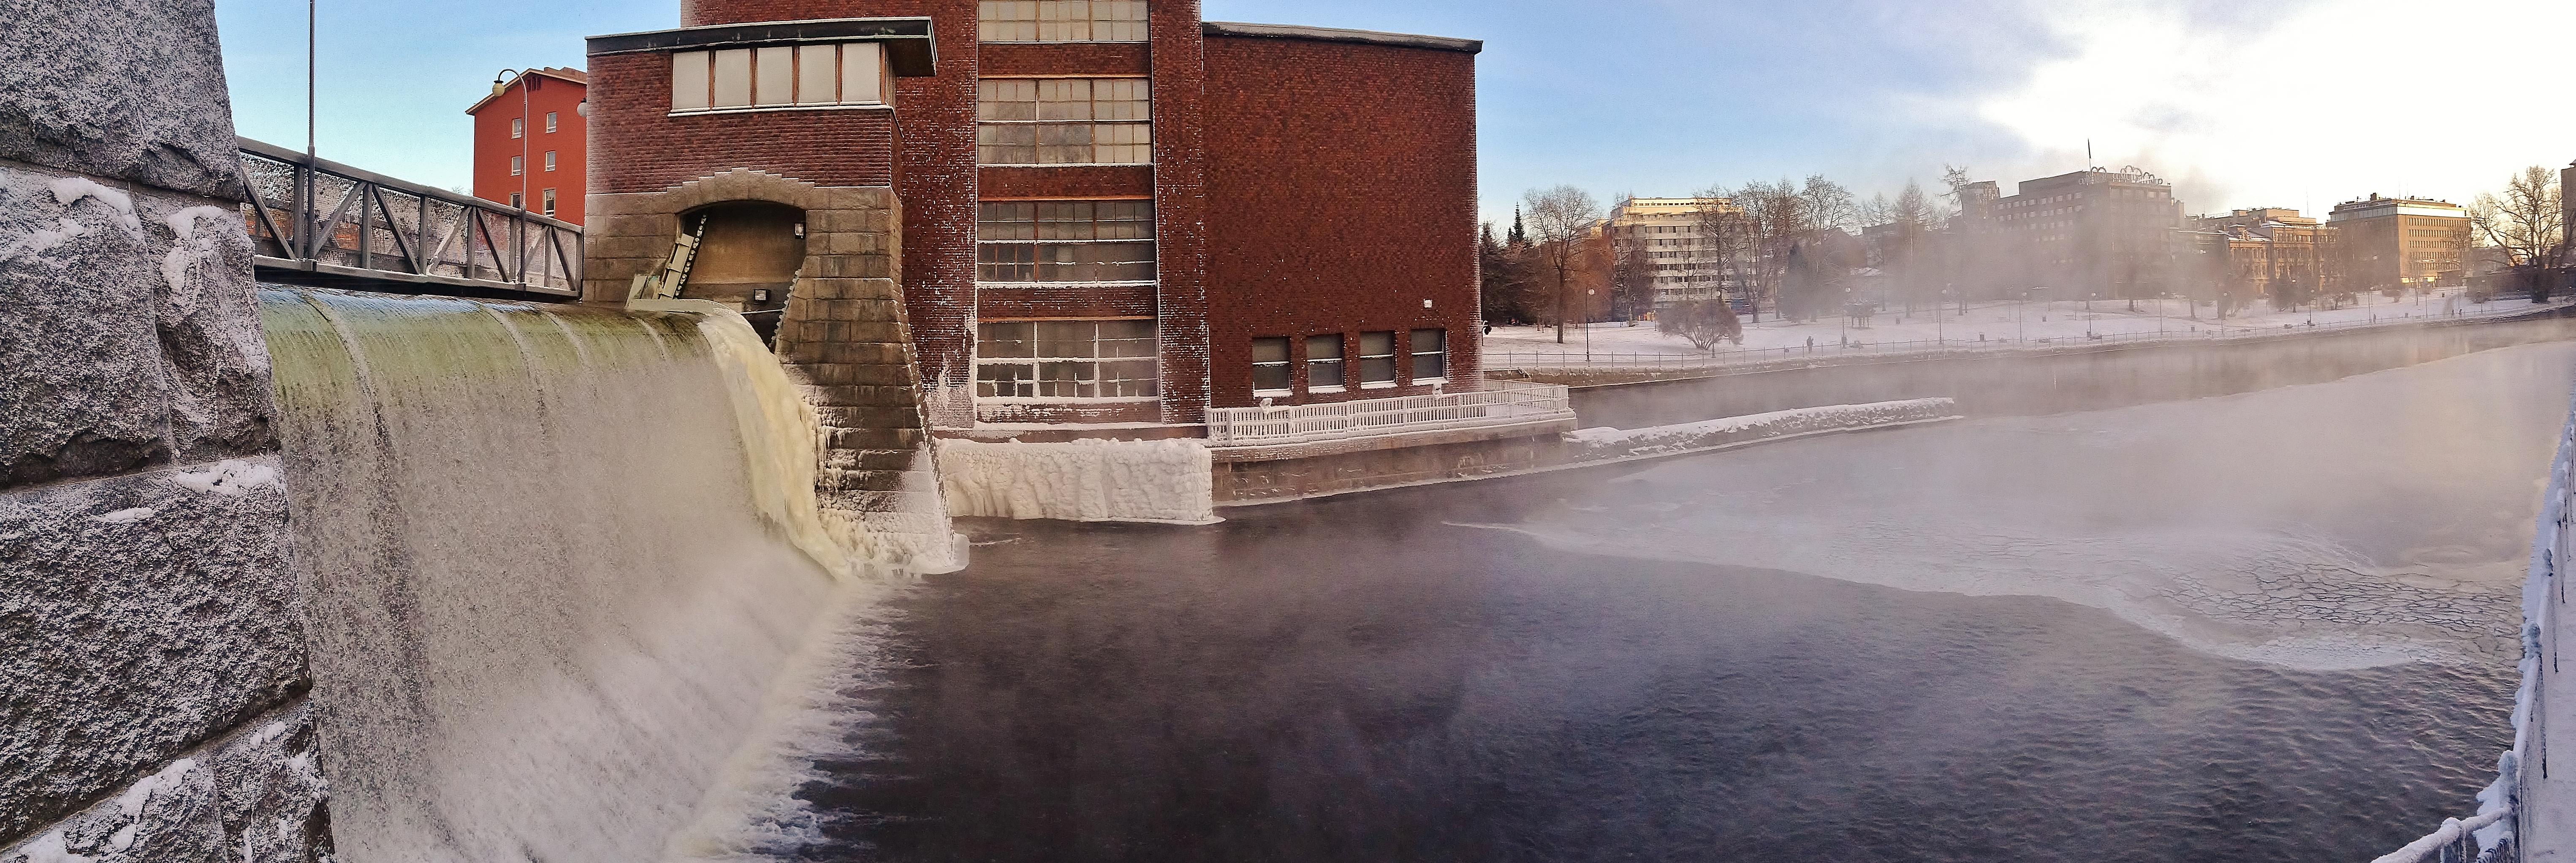 Tammerkoski rapids on 10th January 2016 panorama 2.jpg